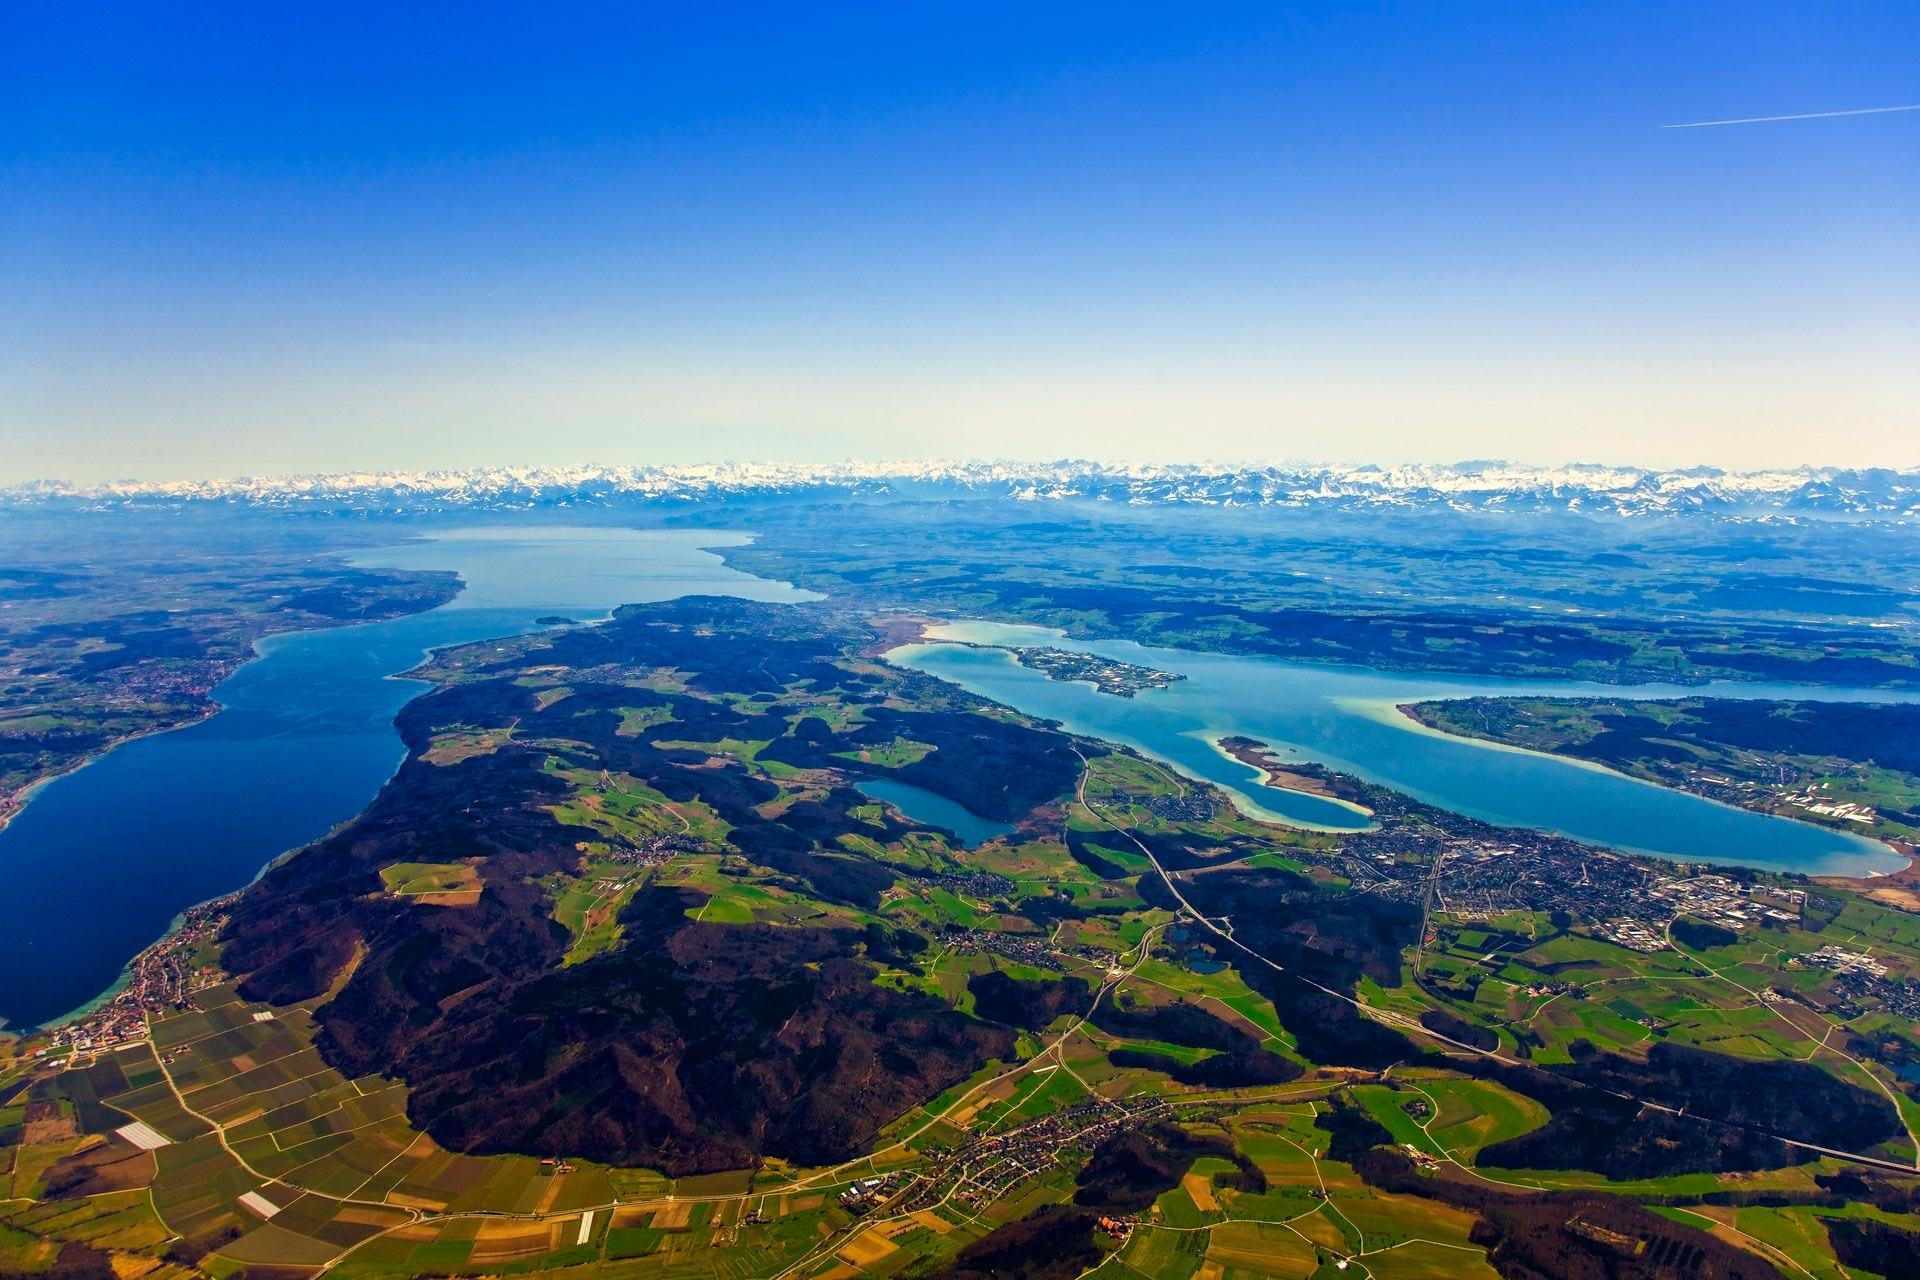 Konstanz-Bodensee-Regio-Alpen-Panorama_01_Copyright_MTK-Achim-Mende